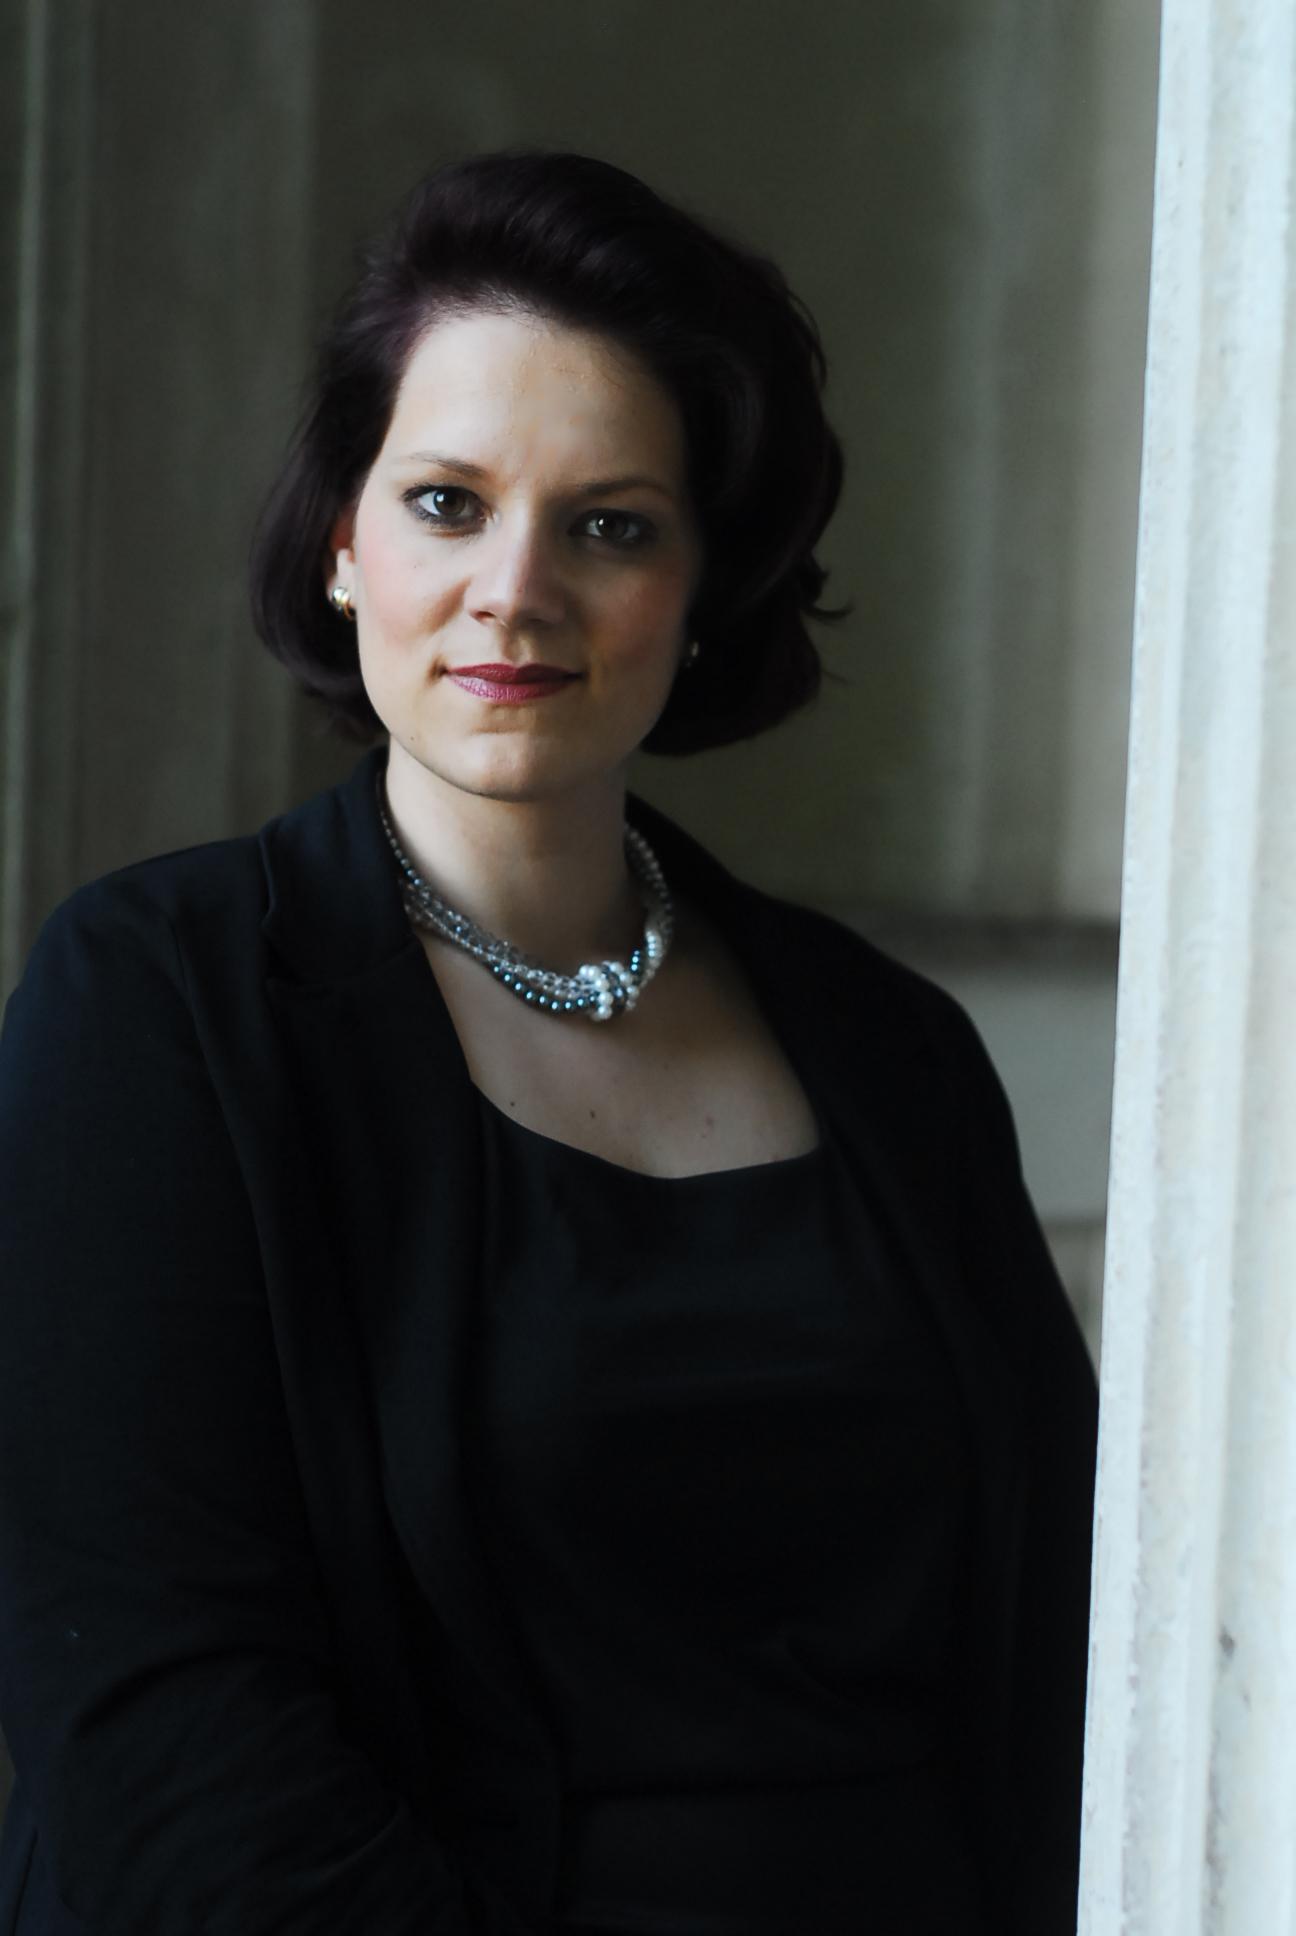 Sonia Saric